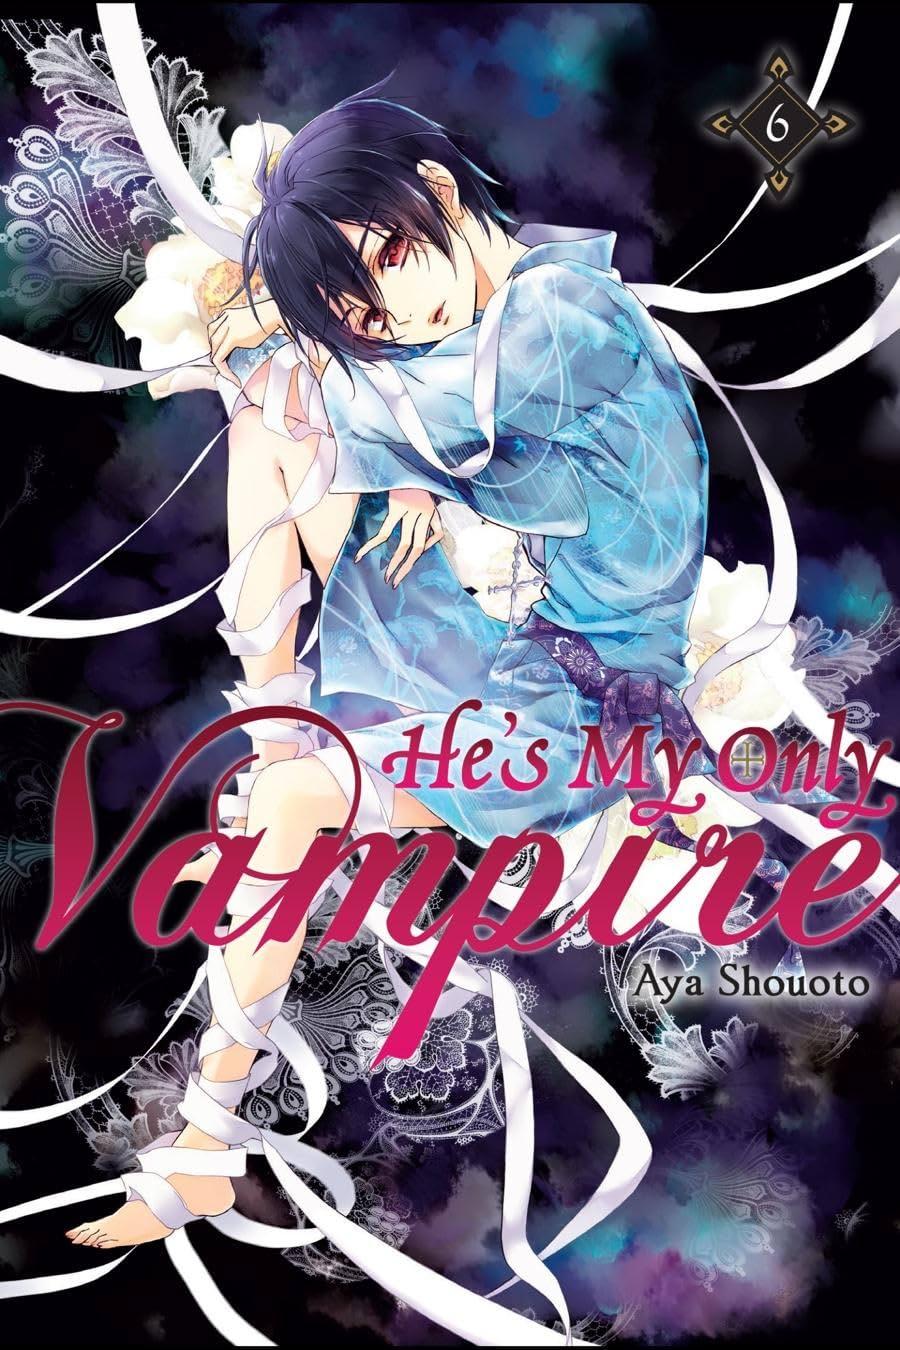 He's My Only Vampire Vol. 6